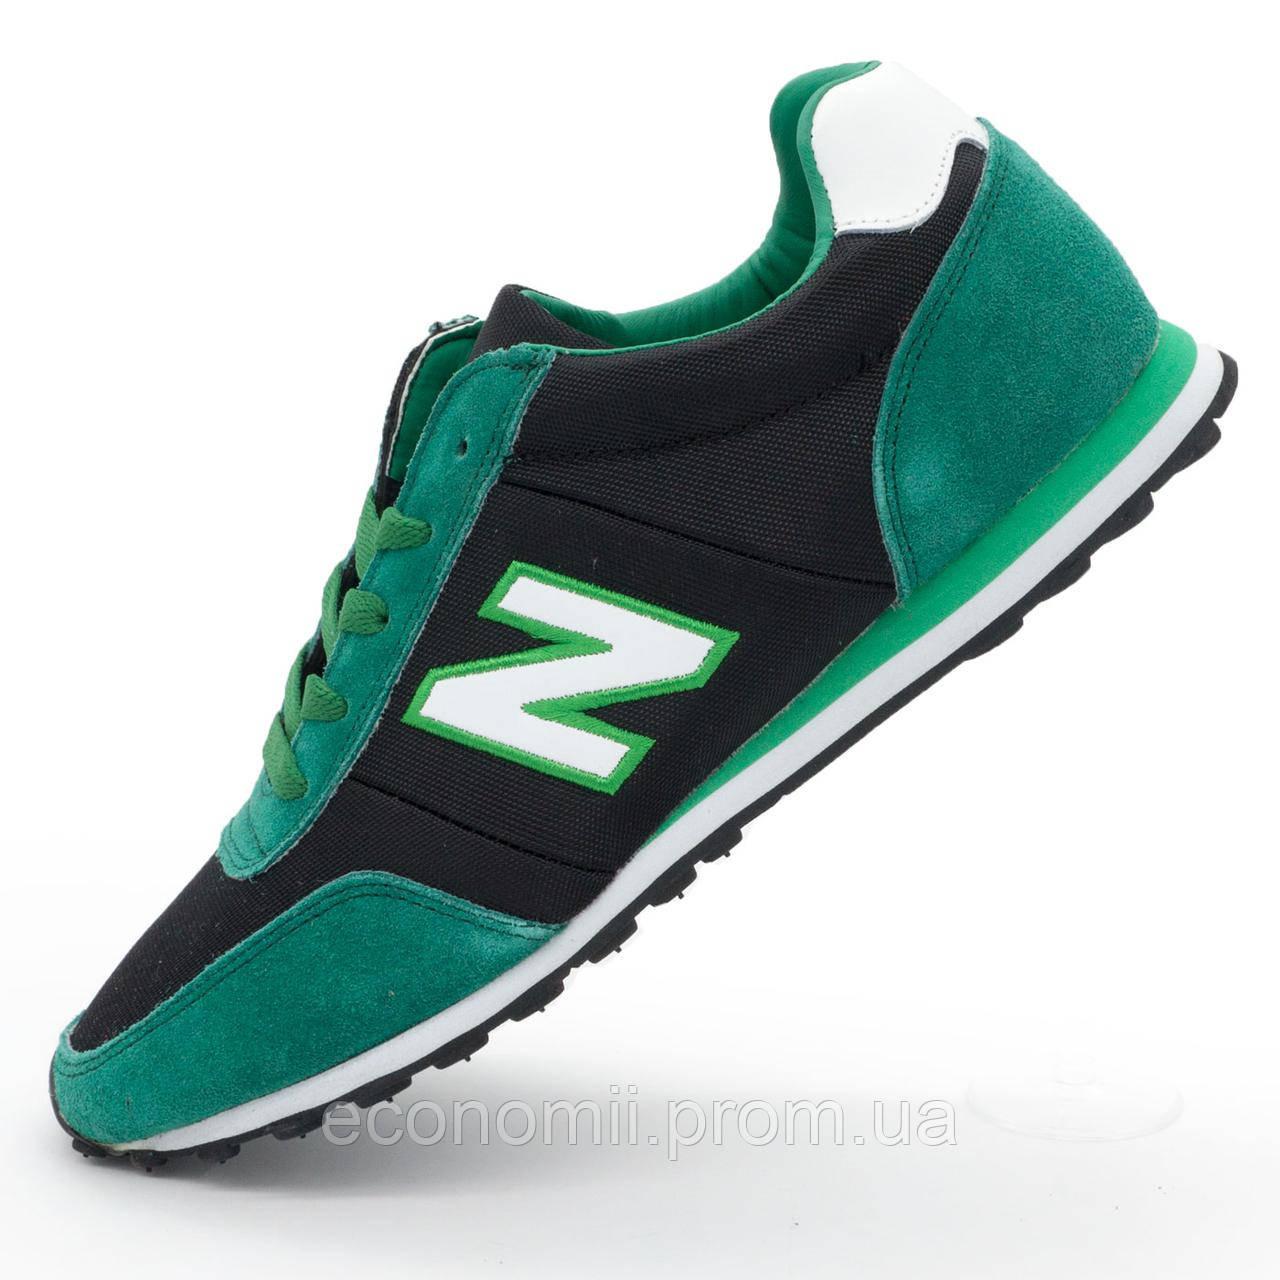 kupuj bestsellery wspaniały wygląd sprzedaż obuwia Кроссовки New Balance 356 зеленые р.(42)